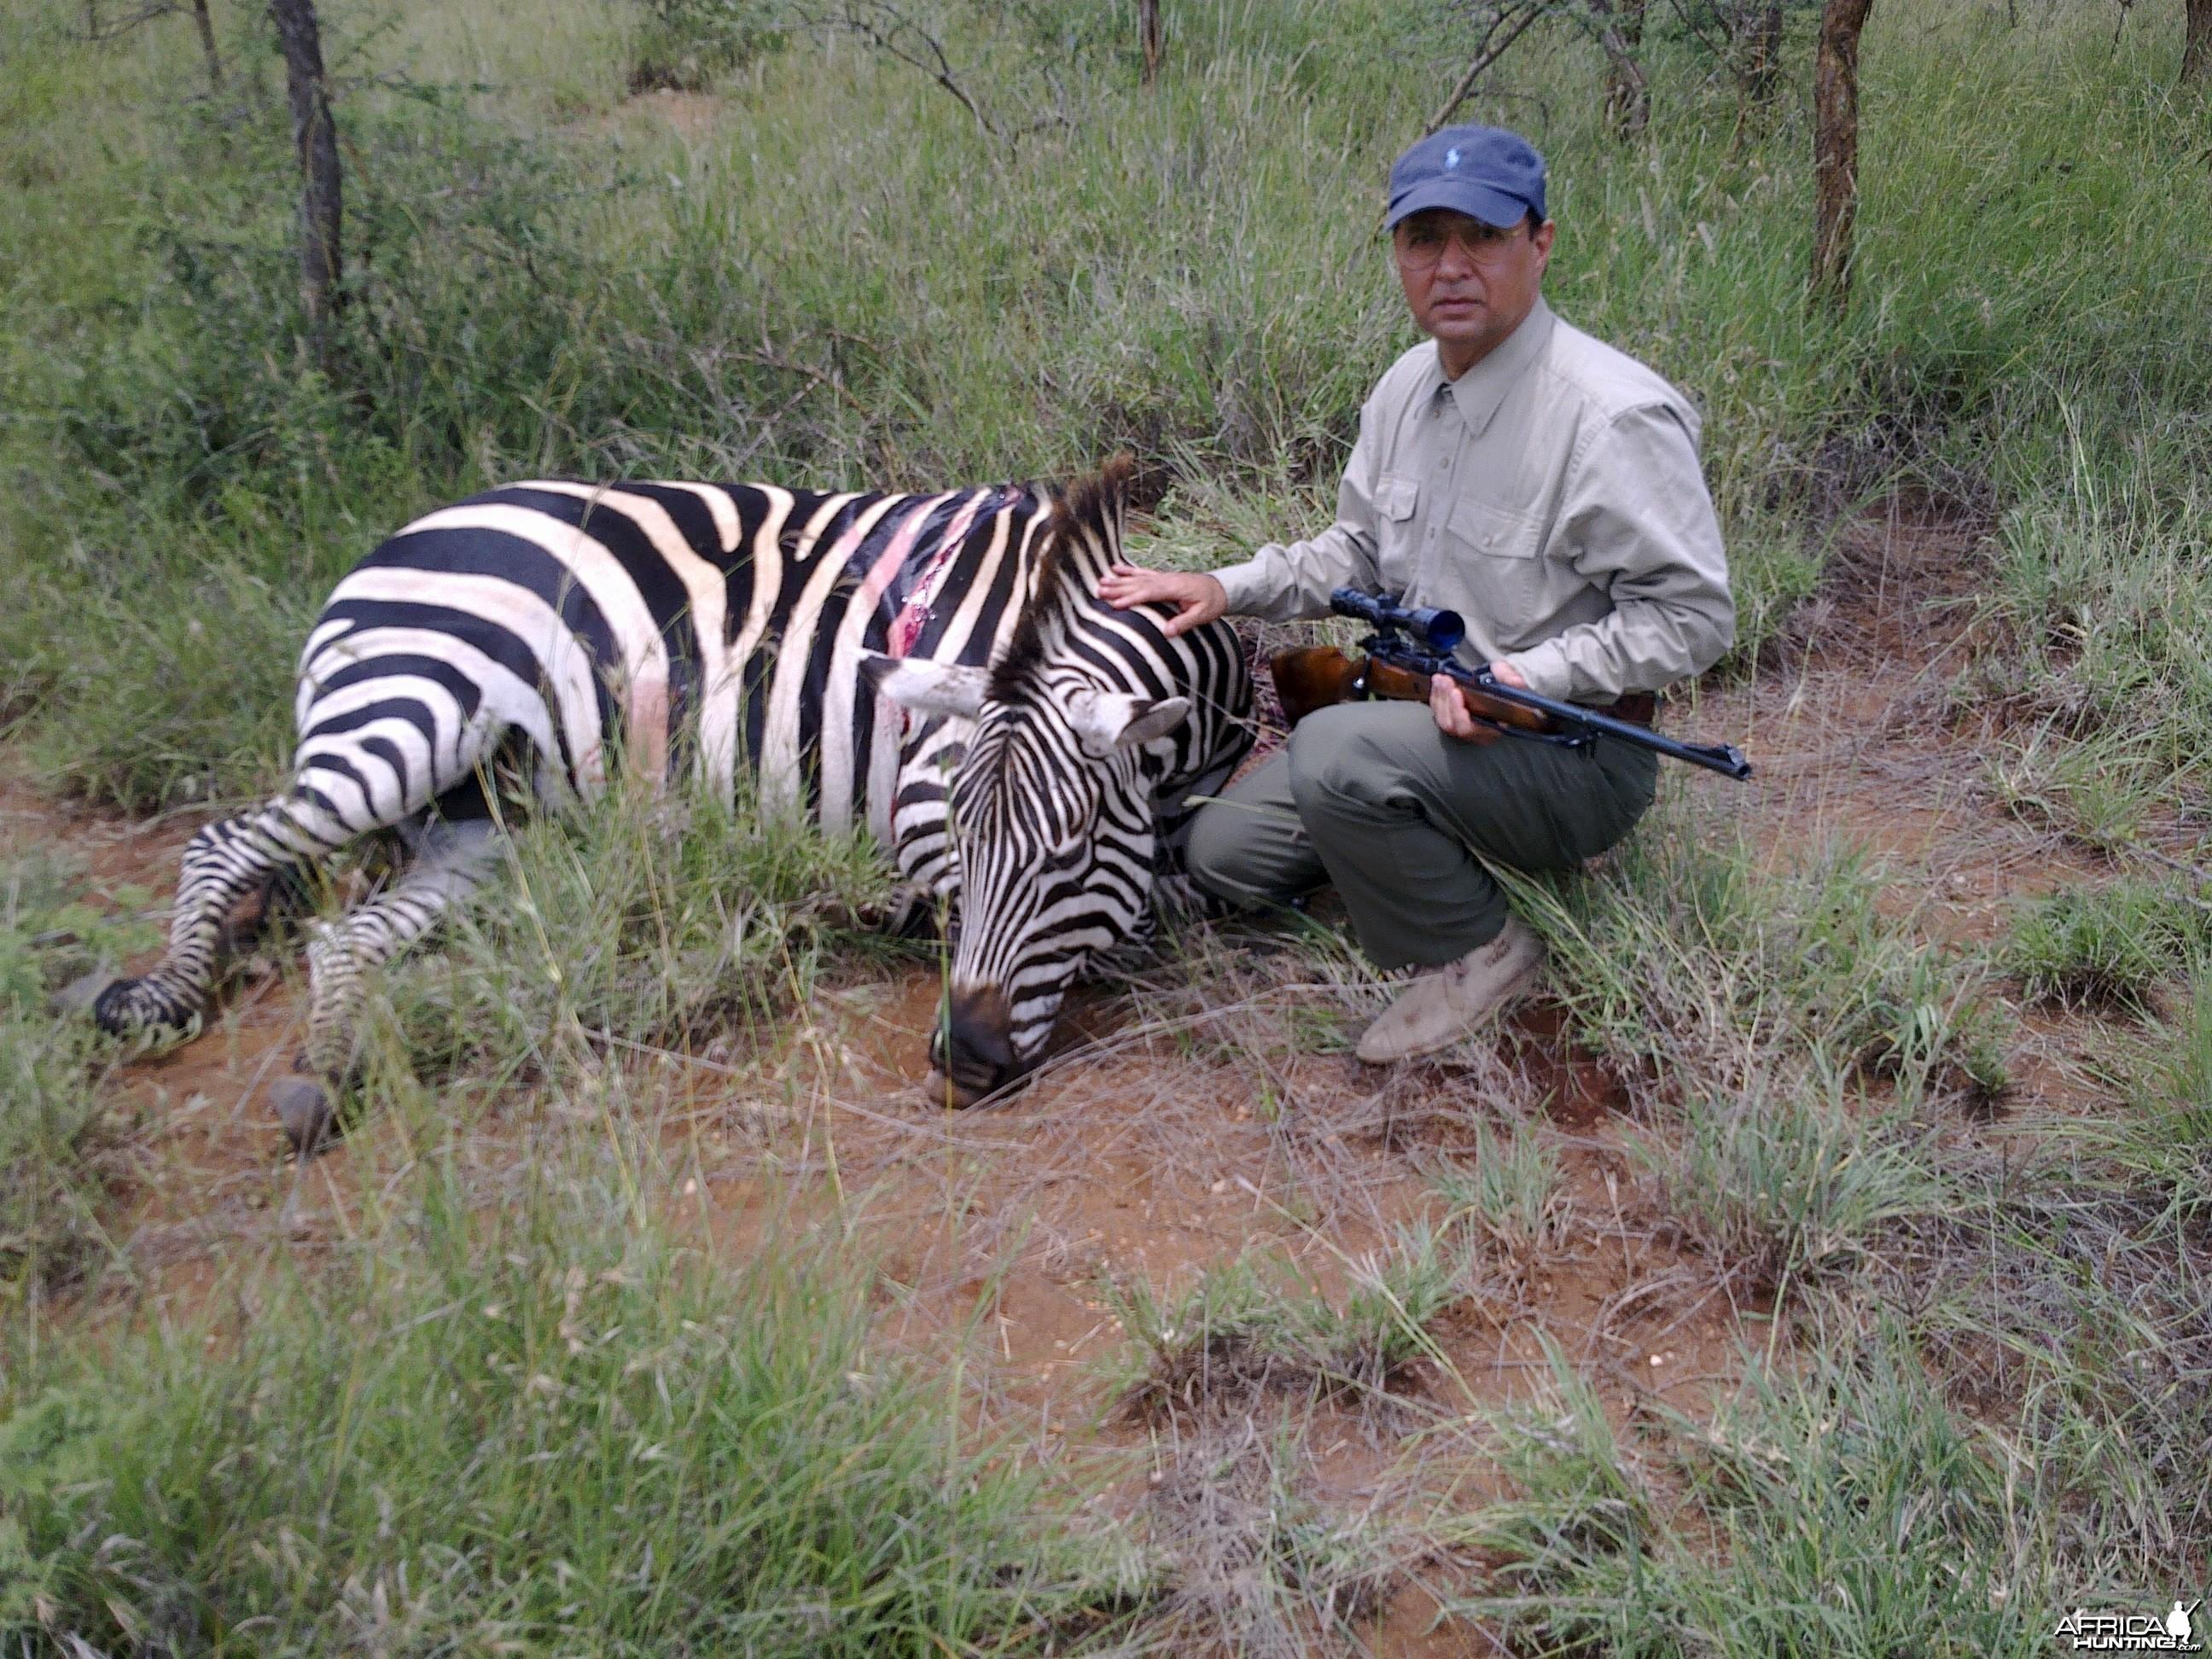 Mature Zebra